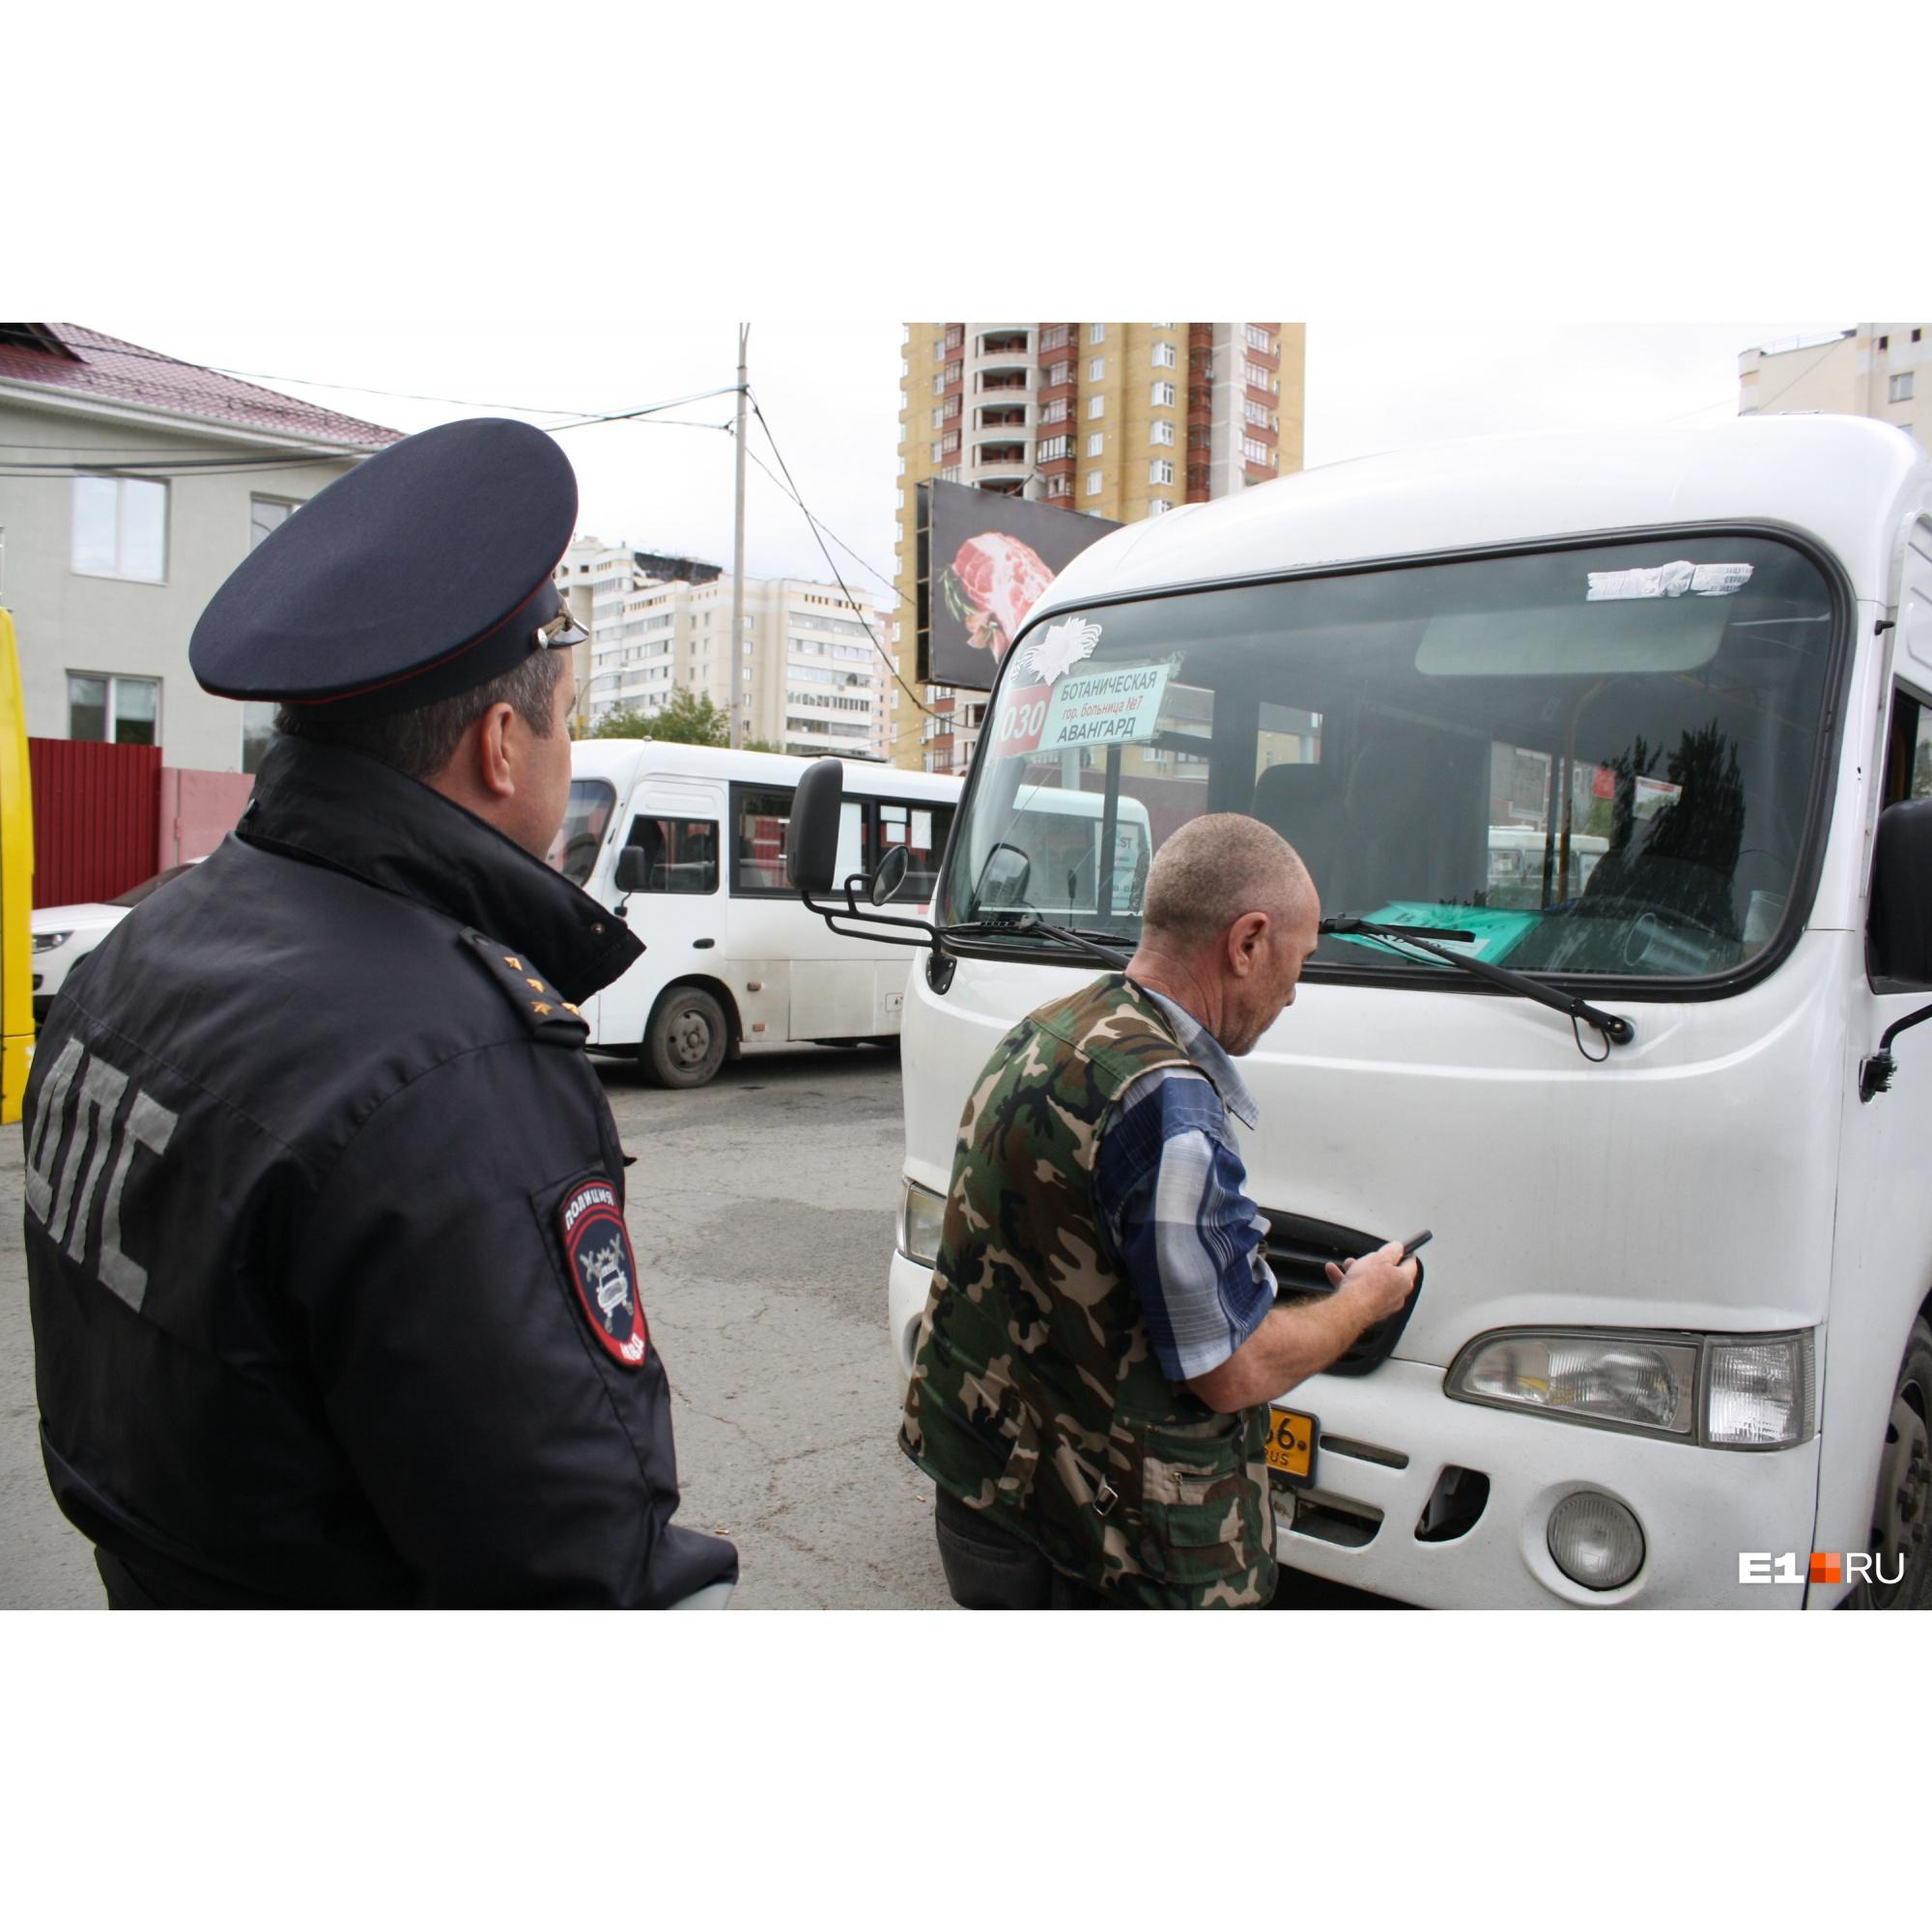 Водителю неисправного автобуса выписали штраф в 500 рублей